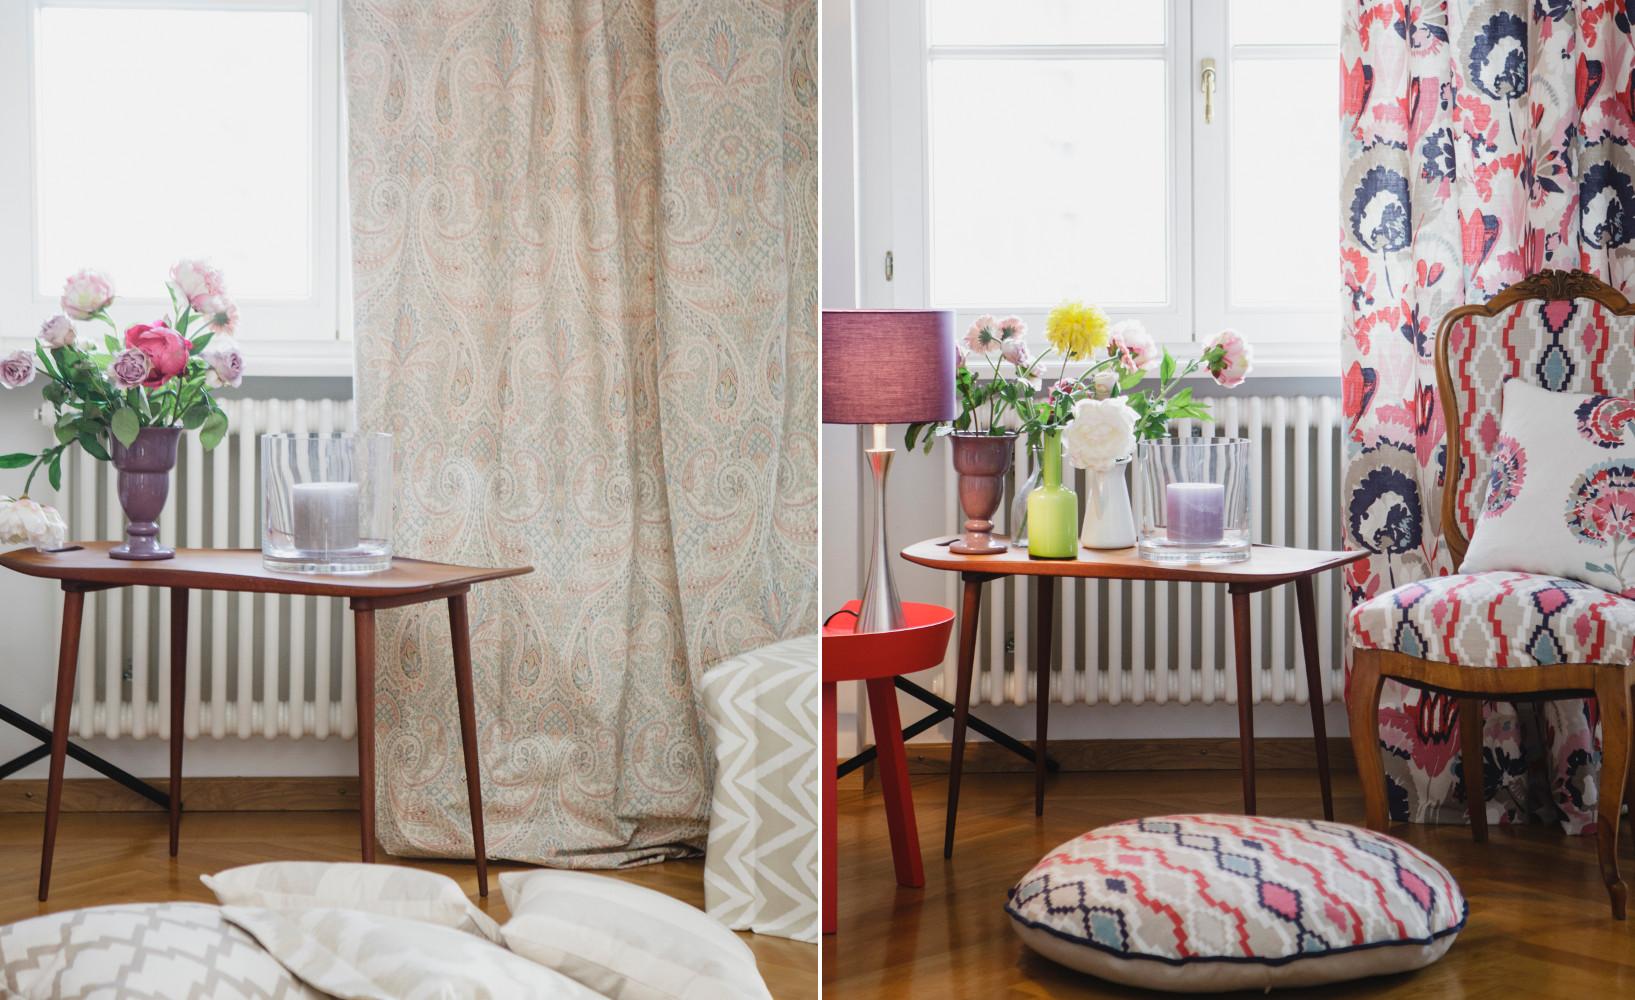 Full Size of Gardinen Nähen So Lassen Sich Ausgefallene Gardinenideen Selbst Realisieren Für Küche Schlafzimmer Wohnzimmer Scheibengardinen Fenster Die Wohnzimmer Gardinen Nähen